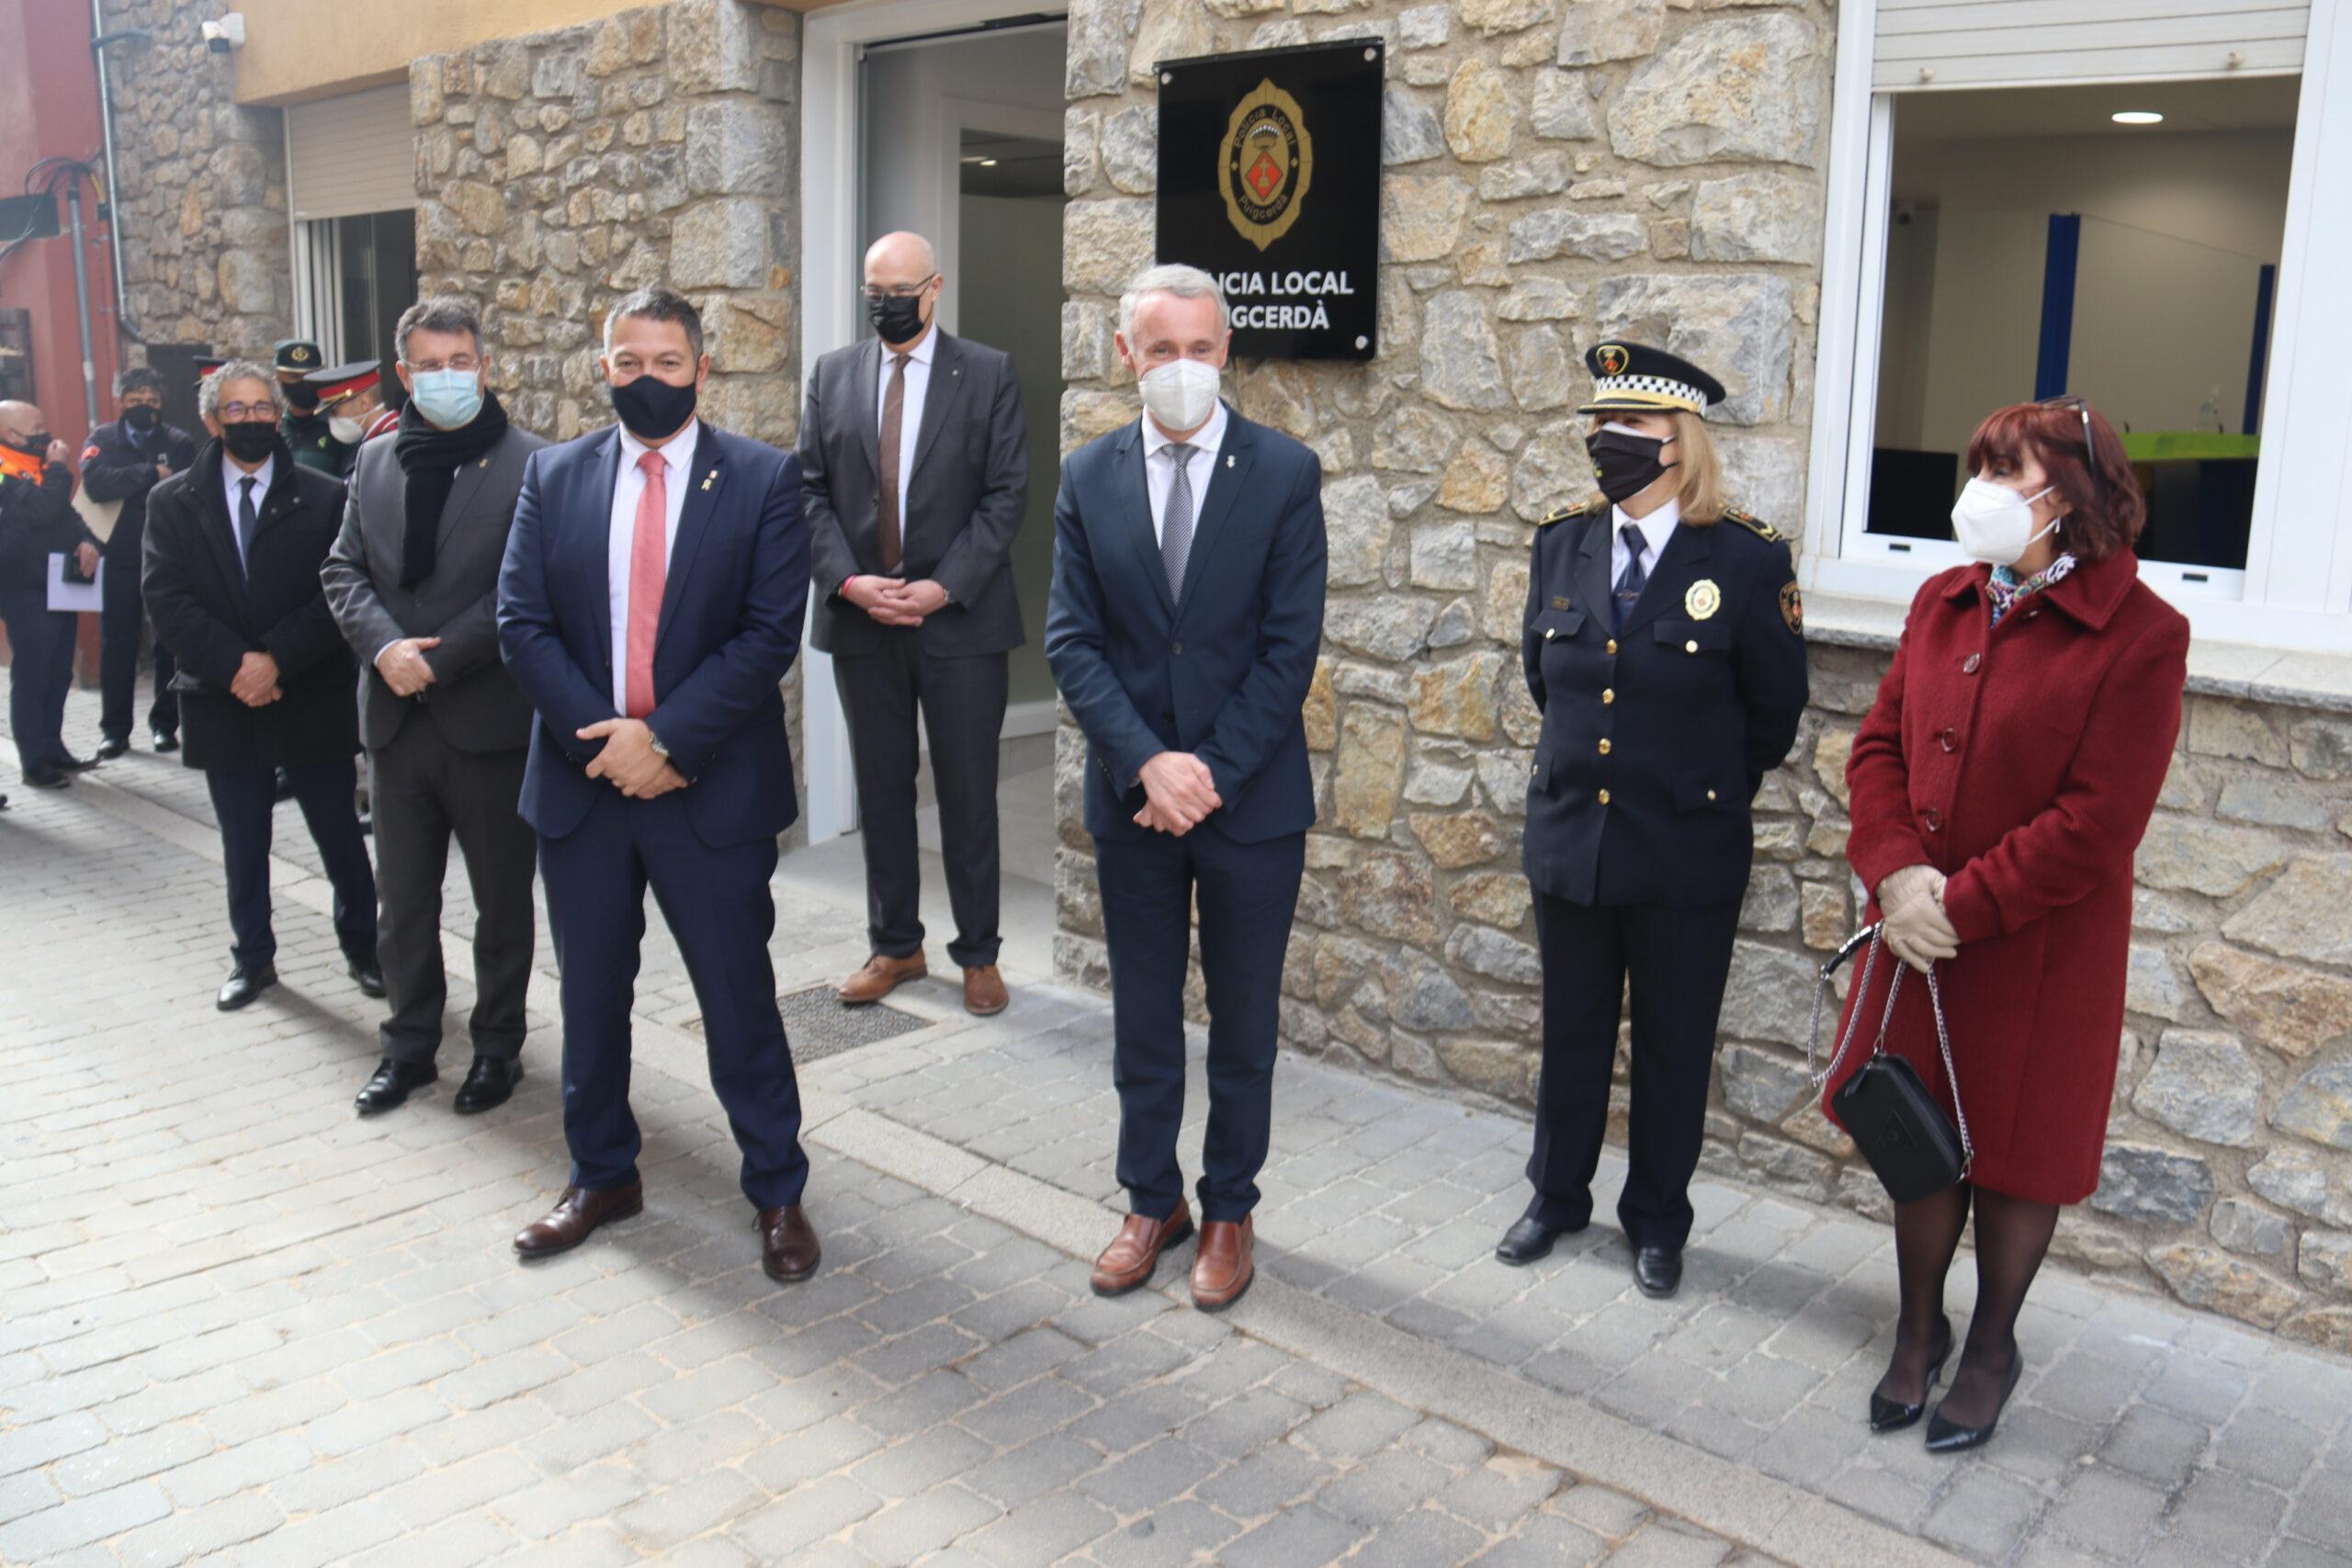 El conseller d'Interior, Miquel Sàmper, a l'exterior de la seu de la policia local de Puigcerdà amb el seu alcalde, Albert Piñeira, el president de la Diputació de Girona, Miquel Noguer, i altres autoritats